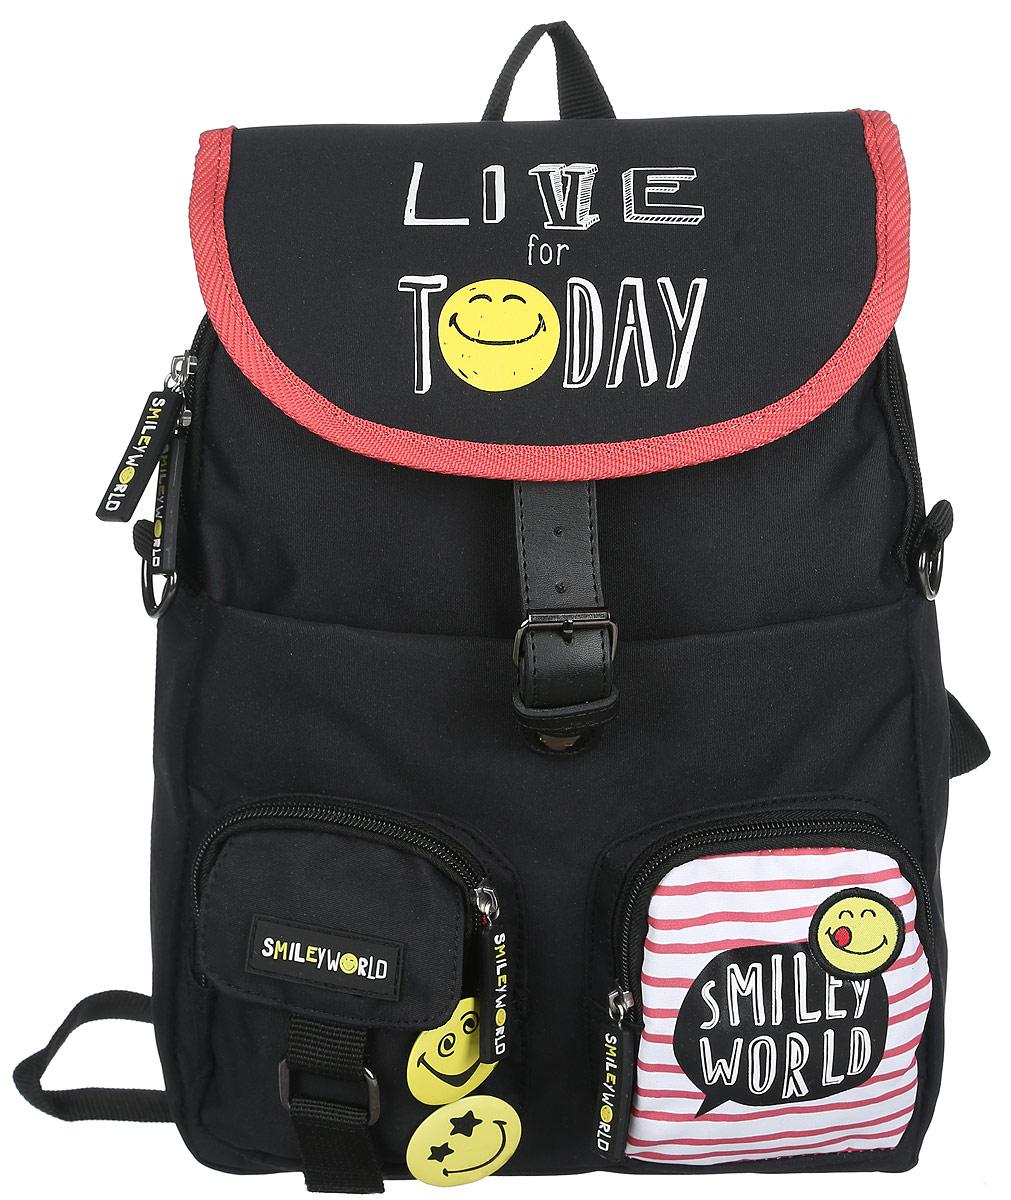 Proff Рюкзак детский Live for Today72523WDДетский рюкзак Proff Live for Today - это красивый и удобный рюкзак, который подойдет всем, кто хочет разнообразить свои школьные будни. Внешние поверхности рюкзака, подкладка выполнены из полиэстера, уплотнители - из поролона, элементы отделки - из пластика, металла, ПВХ. На лицевой стороне рюкзак декорирован двумя значками в виде смайликов.Рюкзак имеет одно основное отделение, закрывающееся на молнию, а сверху клапаном на магнитную защелку. Внутри отделения нет карманов. На лицевой стороне расположены три кармана, два из которых на молниях, один на застежке-липучке. Под клапаном на лицевой стороне находится вместительный карман на молнии, внутри которого располагаются четыре кармашка под мобильный телефон и канцелярские принадлежности, лента с карабином для ключей.Рюкзак оснащен текстильной ручкой для переноски в руке и подвешивания. Лямки рюкзака можно регулировать по длине.Многофункциональный детский рюкзак станет незаменимым спутником вашего ребенка.